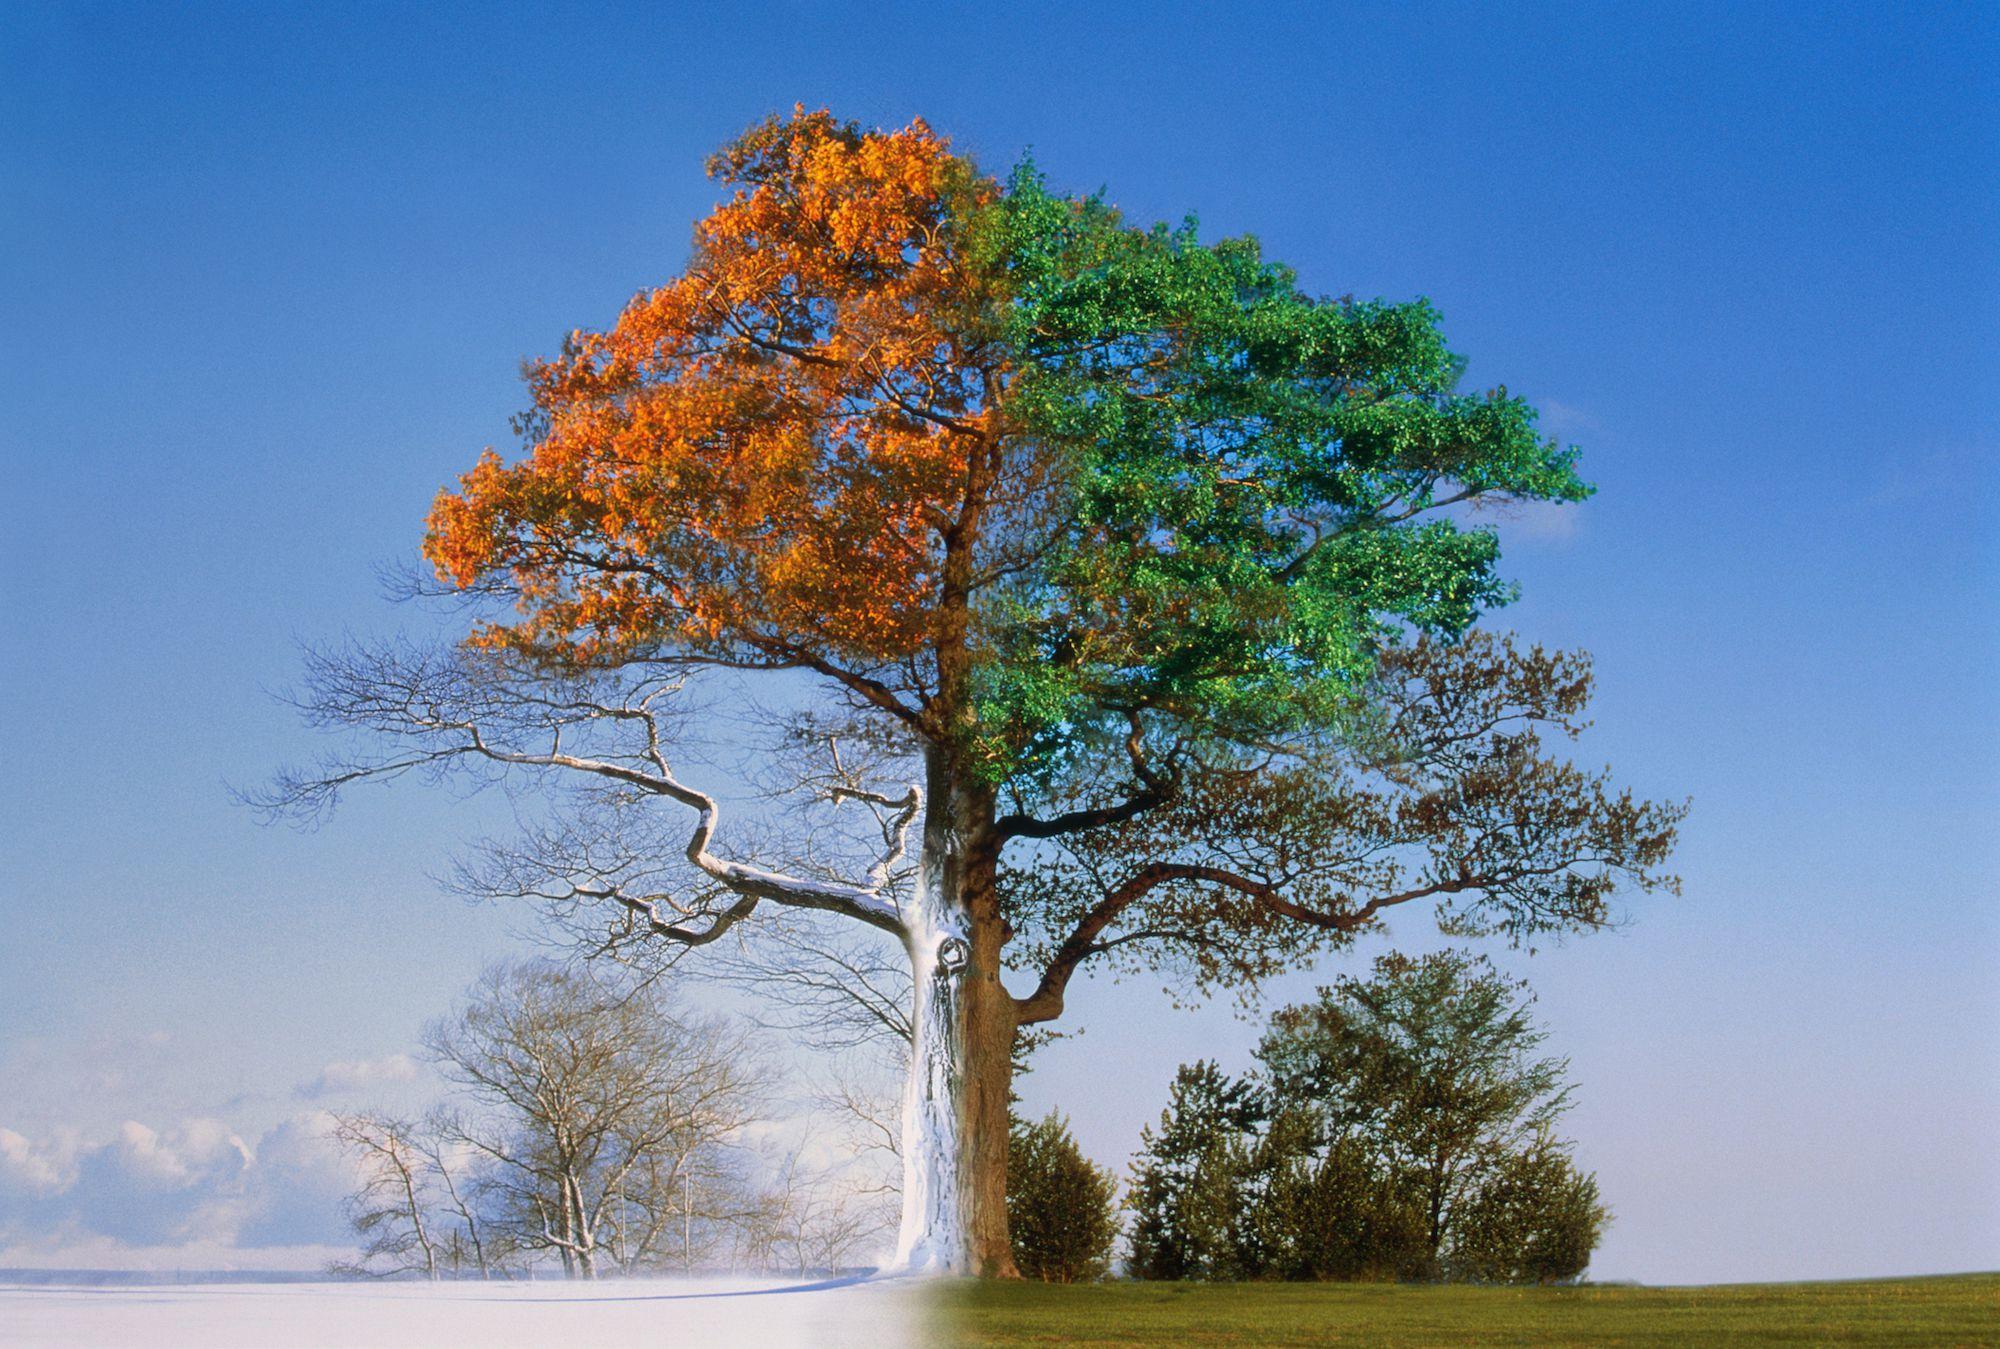 дерево зимой летом на одной картинке больно обаятельна непосредственна